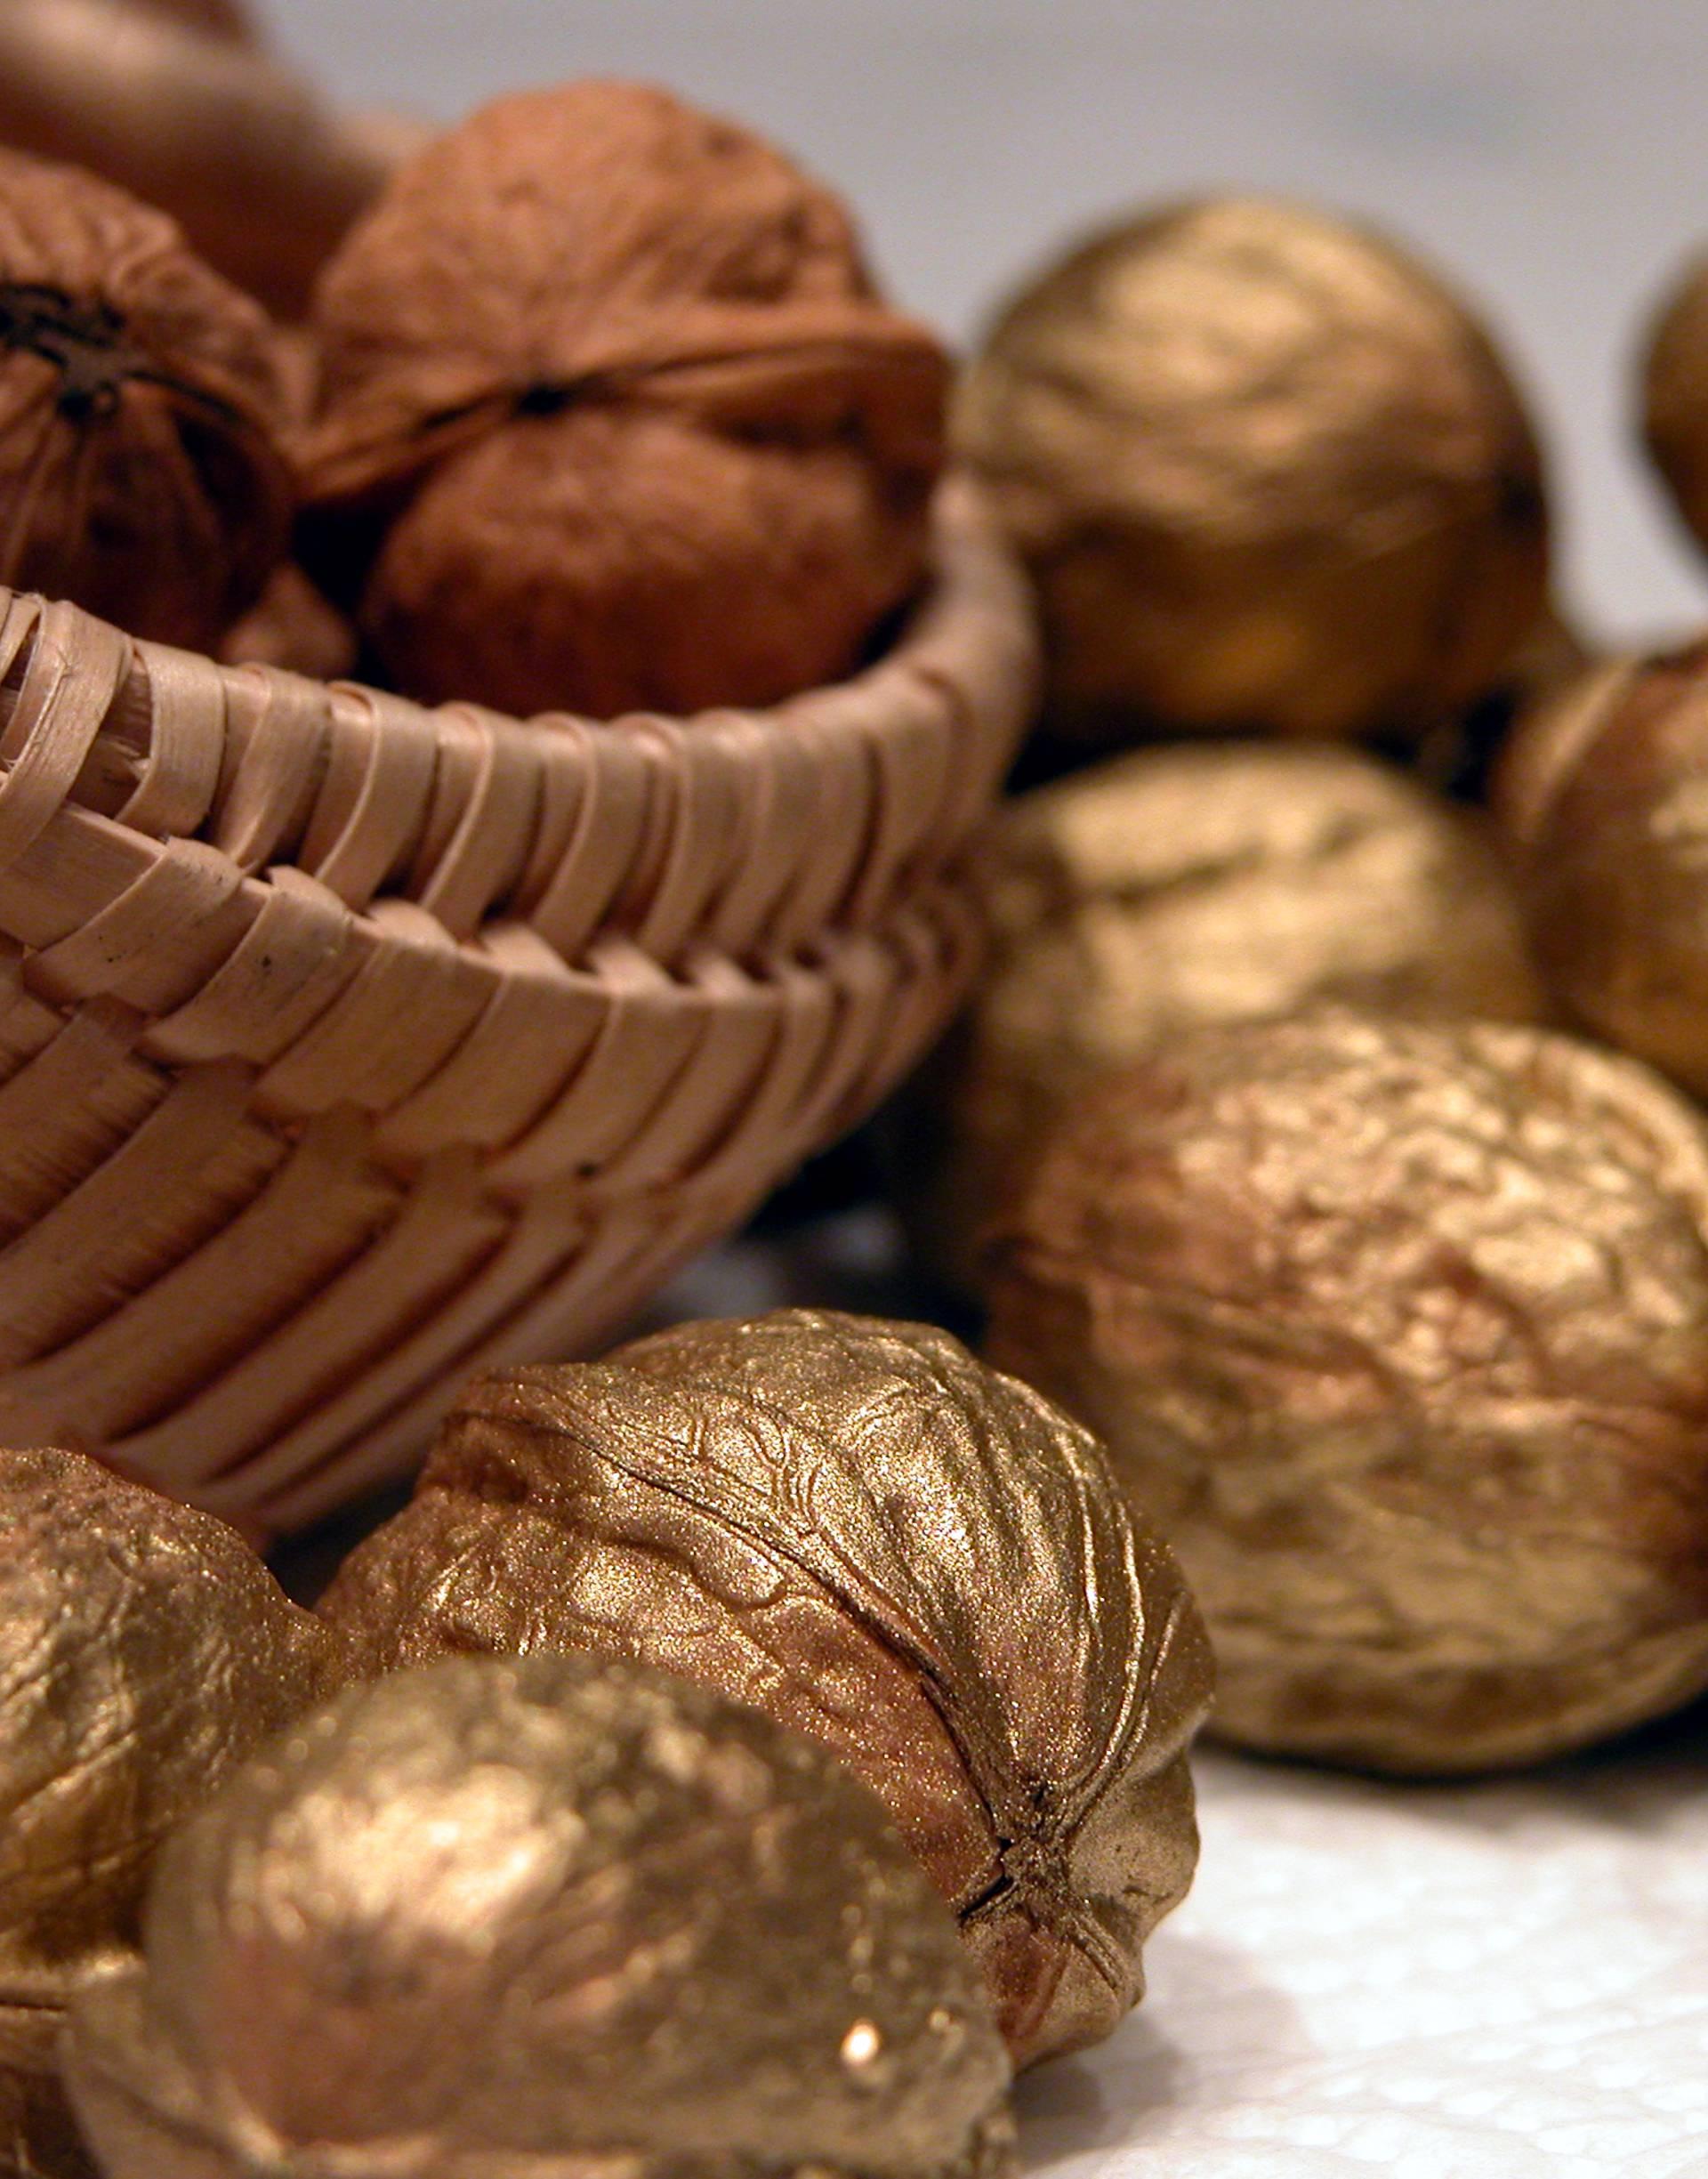 Orašasti plodovi pomažu protiv bolesti srca i jačaju pamćenje